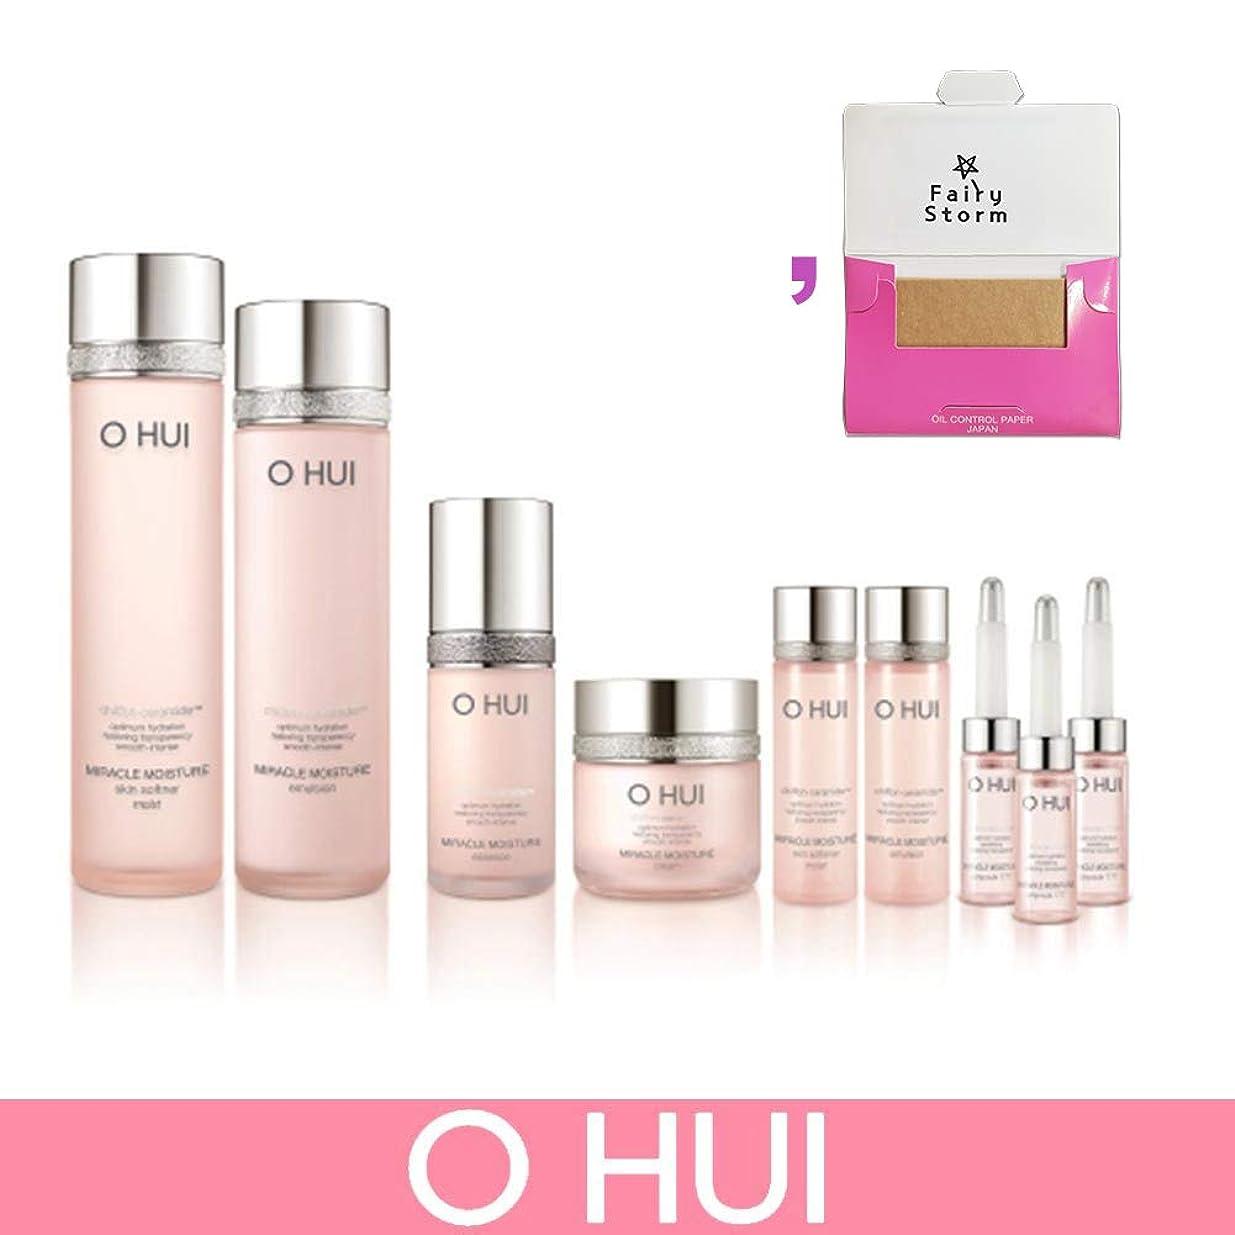 パイチェスをする調整可能[オフィ/O HUI]韓国化粧品 LG生活健康/O HUI MIRACLE MOISTURE SET/ミラクルモイスチャー 4種セット+ [Sample Gift](海外直送品)